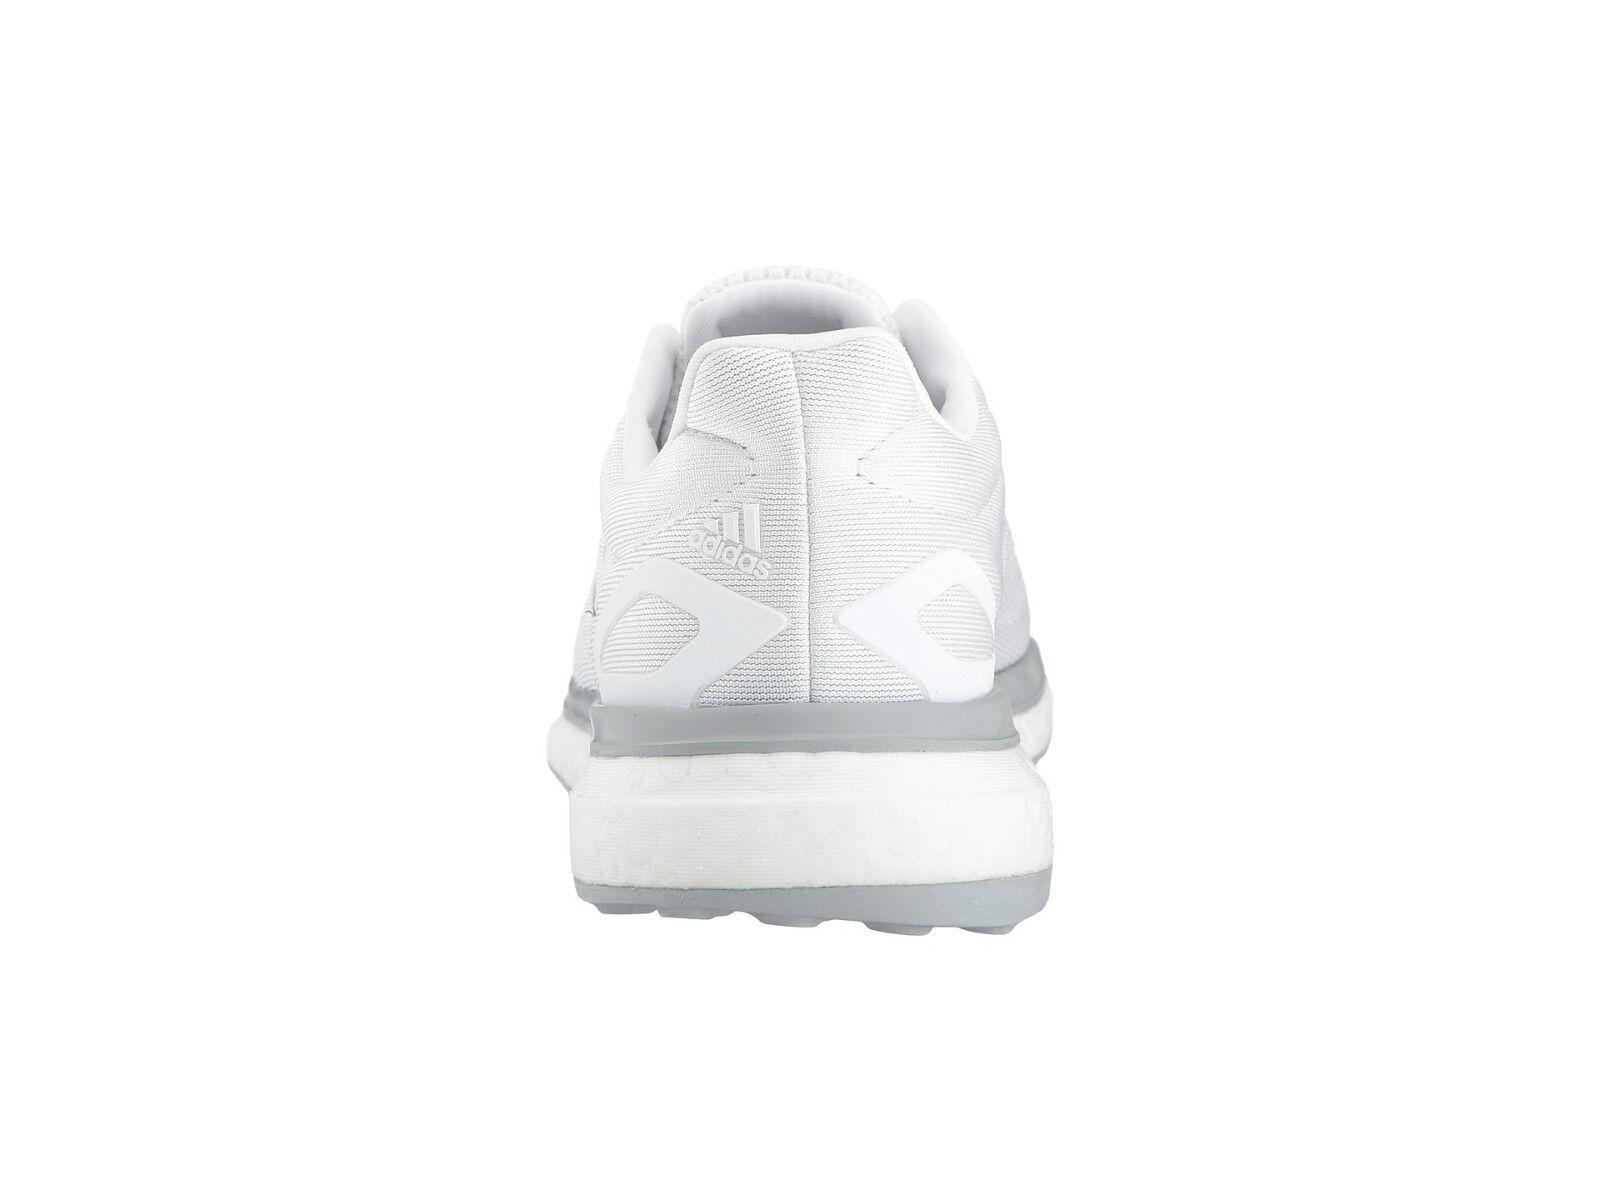 Damen Weiß Adidas Sonic Antrieb Laufschuhe Weiß Damen Sneakers Verstärkung BA7784 Neu 028807